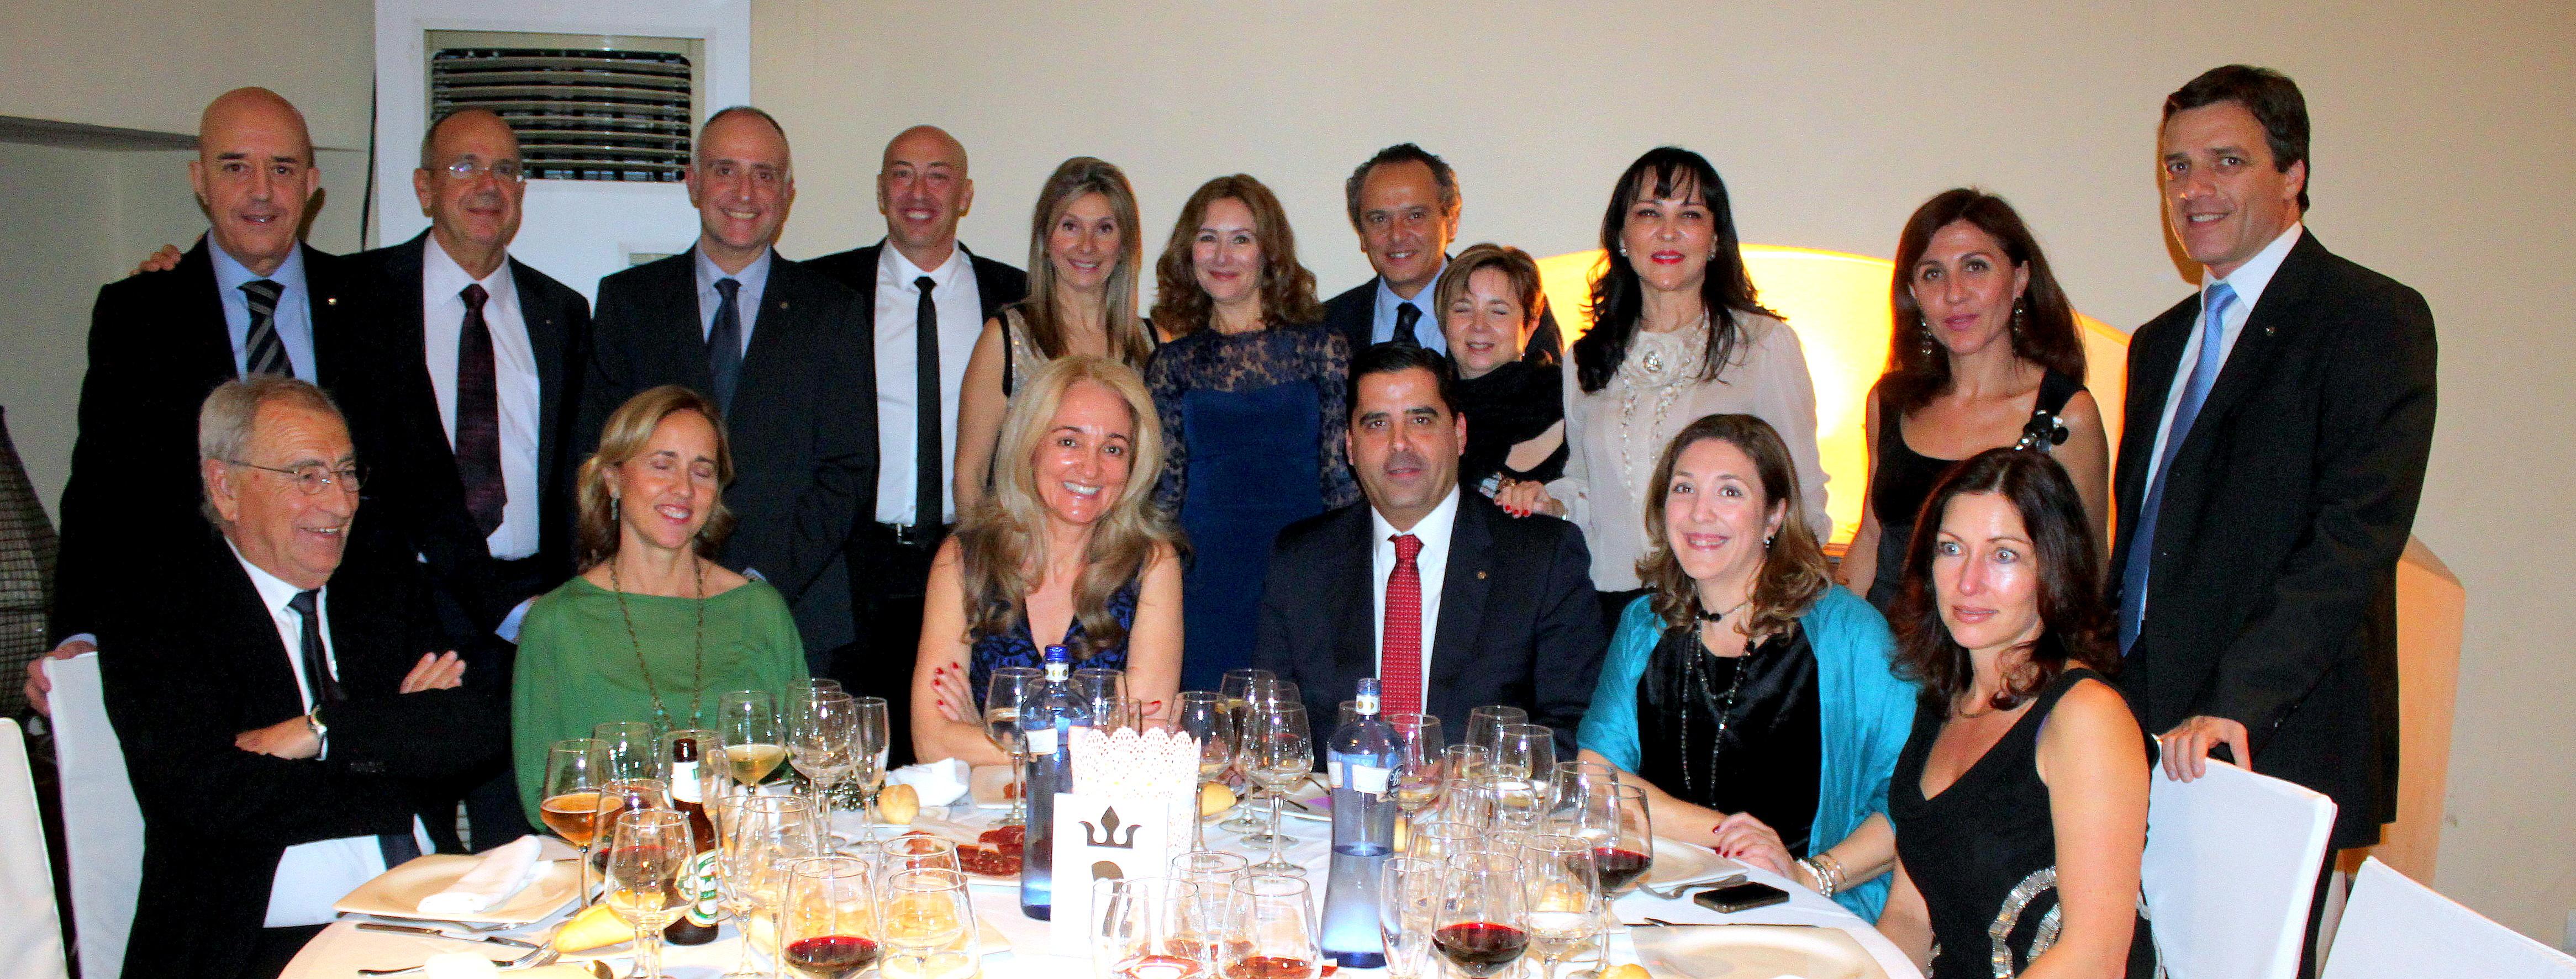 Cena de Navidad del club, Torre de Rejas, el 19 de diciembre 2014.